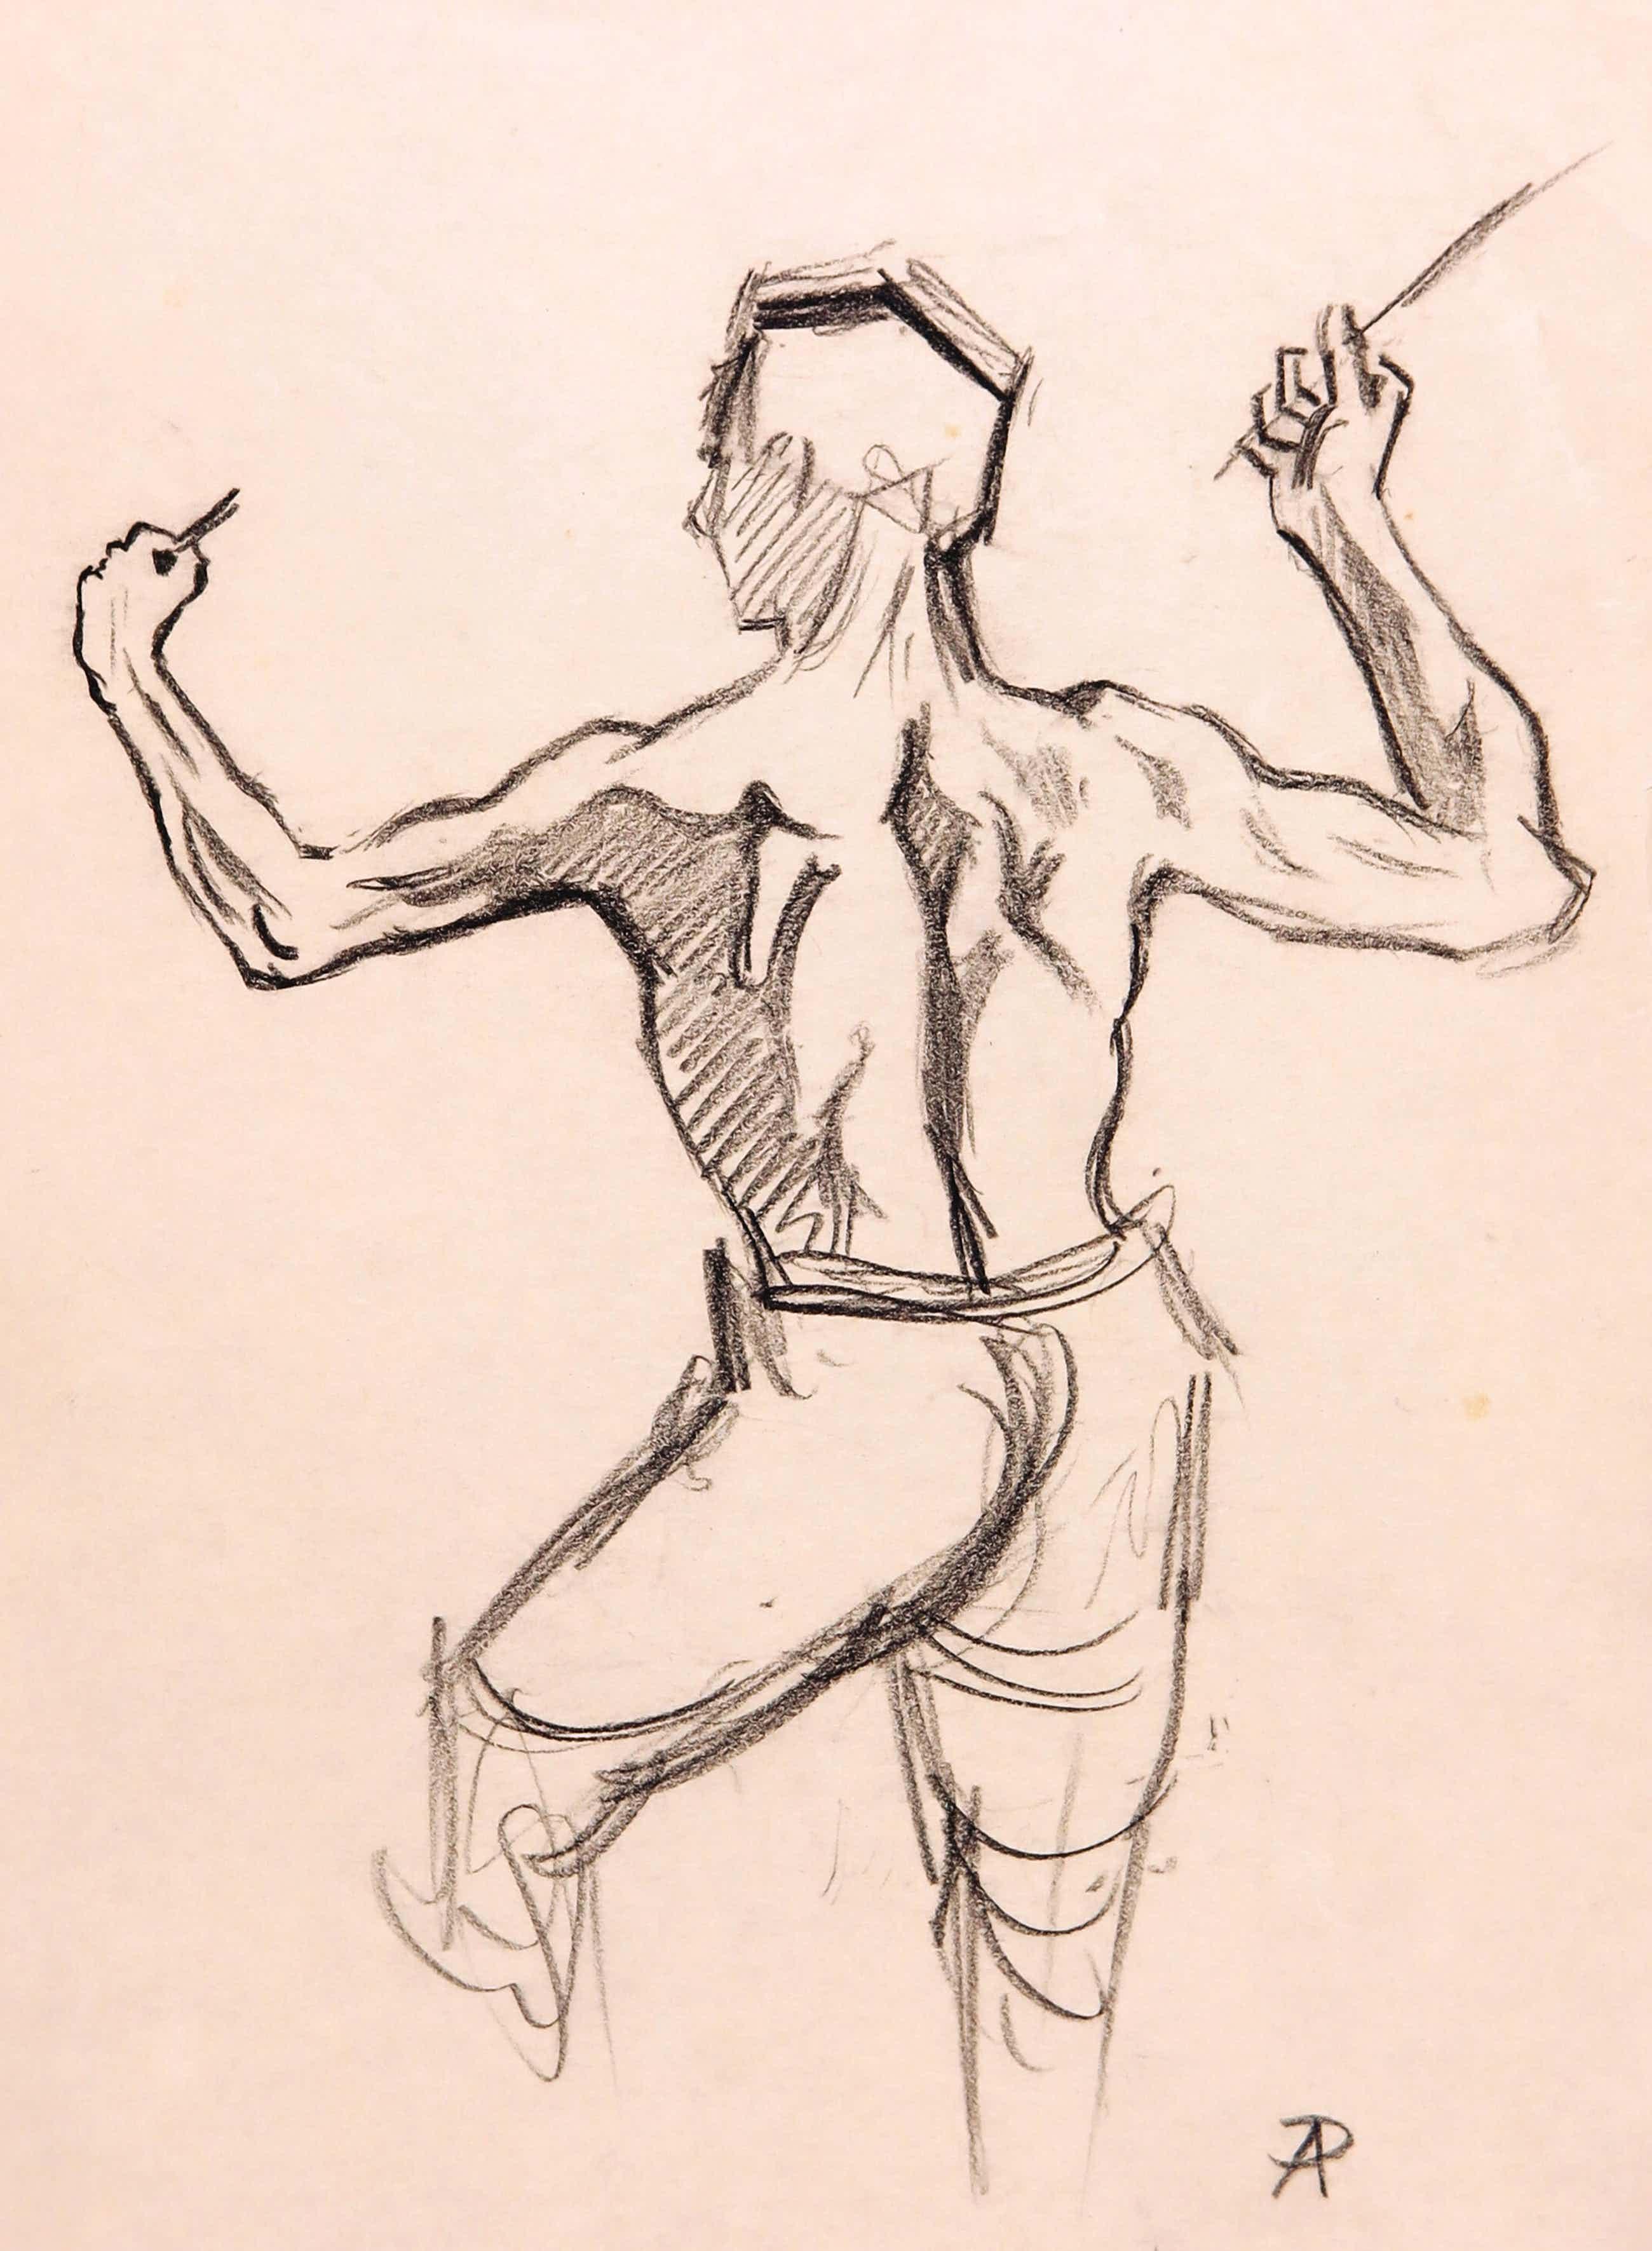 Anton Pieck - Zwart/wit potlood op schetspapier, Man op de rug gezien met ontbloot torso kopen? Bied vanaf 100!